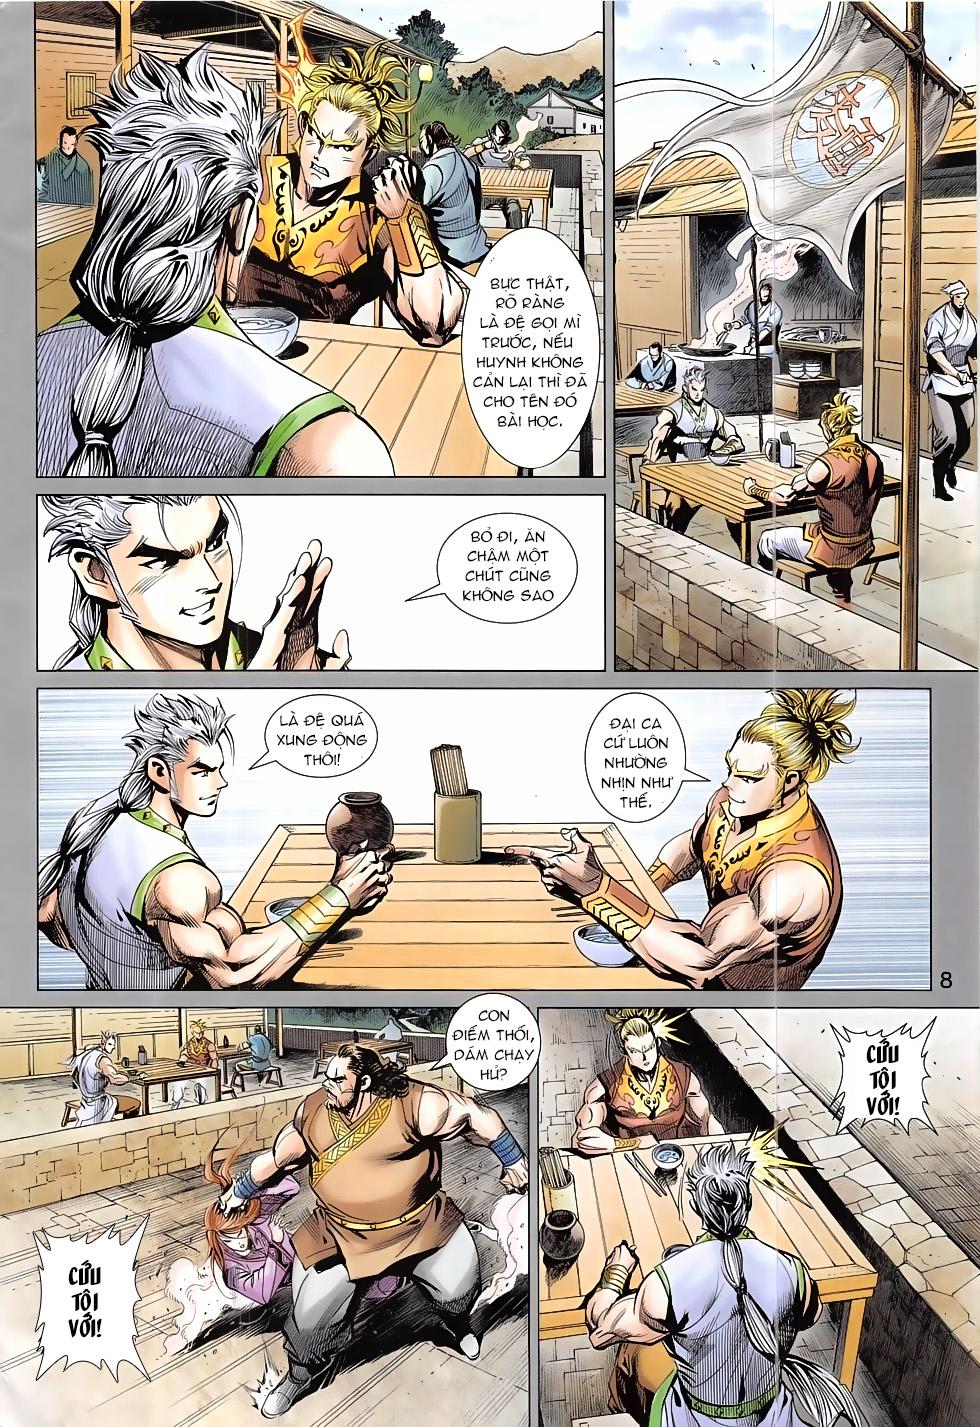 Thần Chưởng trang 8